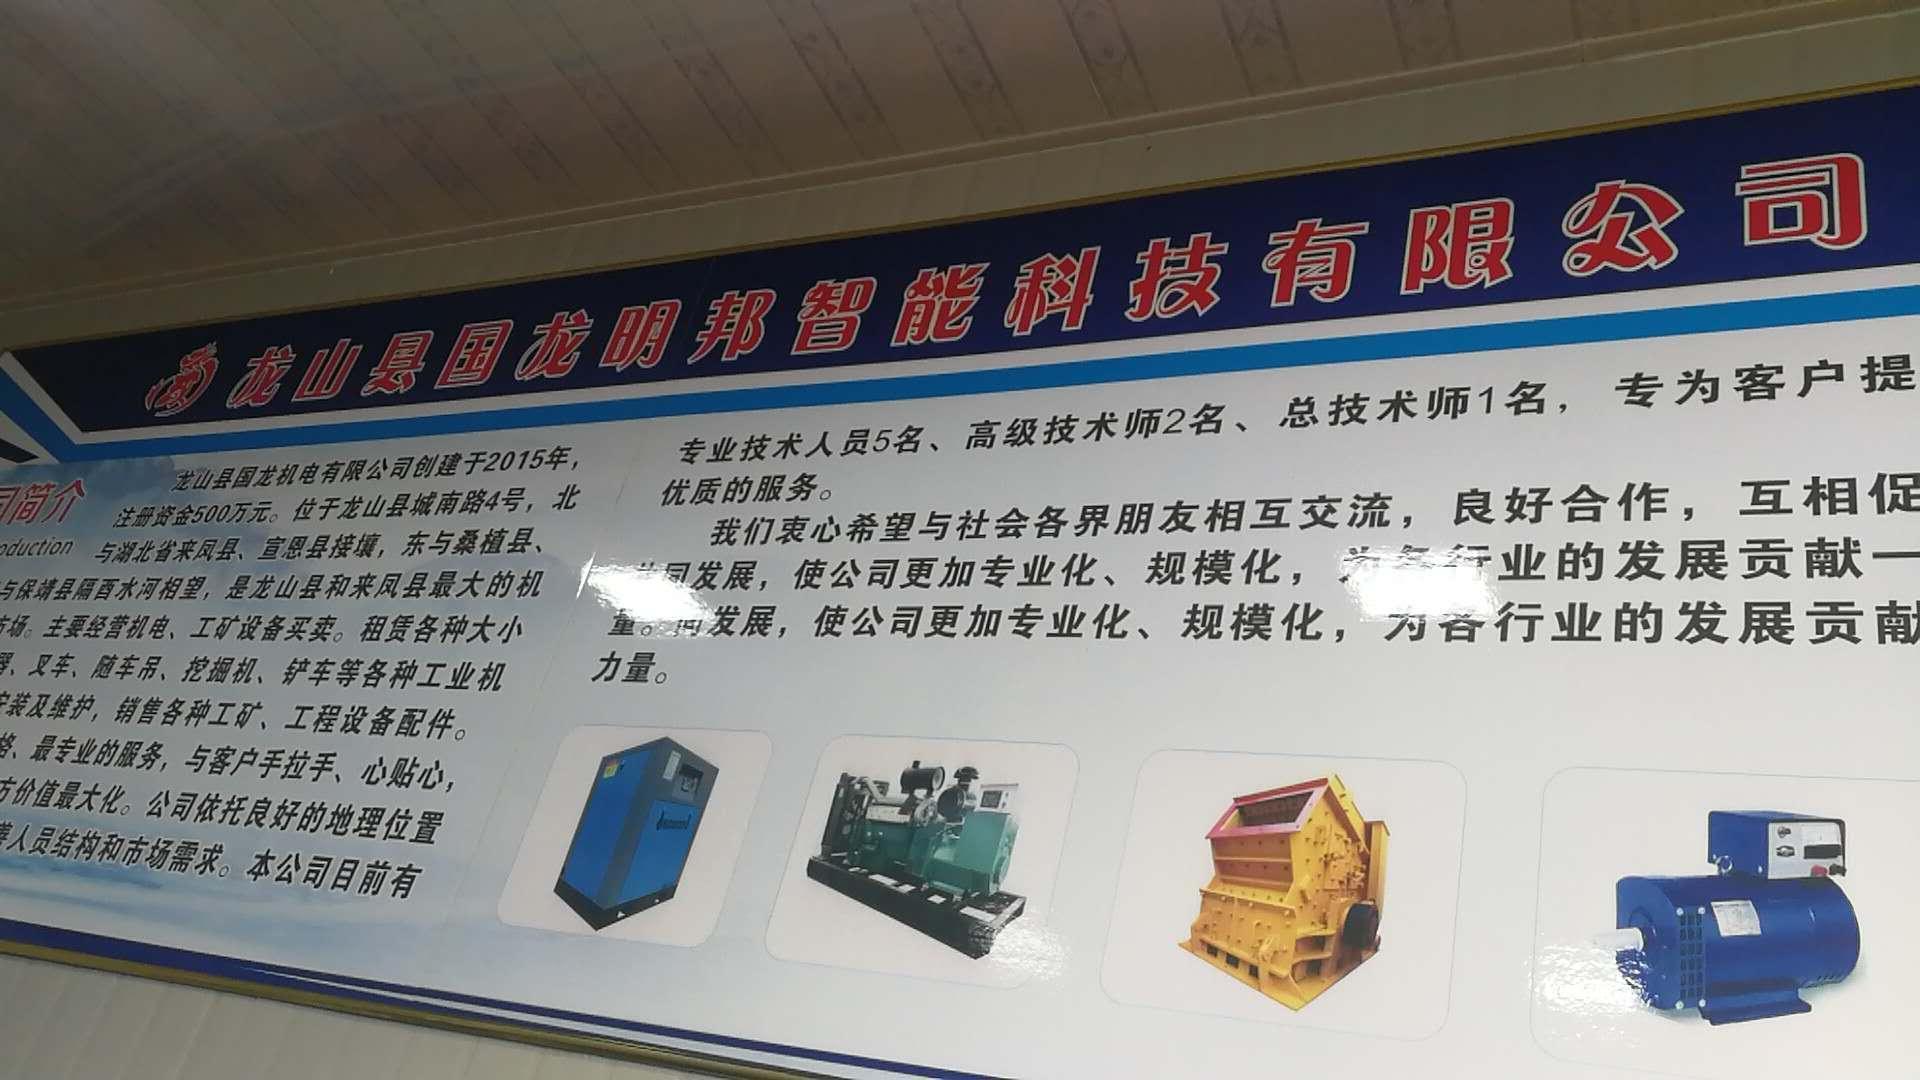 湘西龙山县国龙机电和长沙明邦发电机达成战略合作